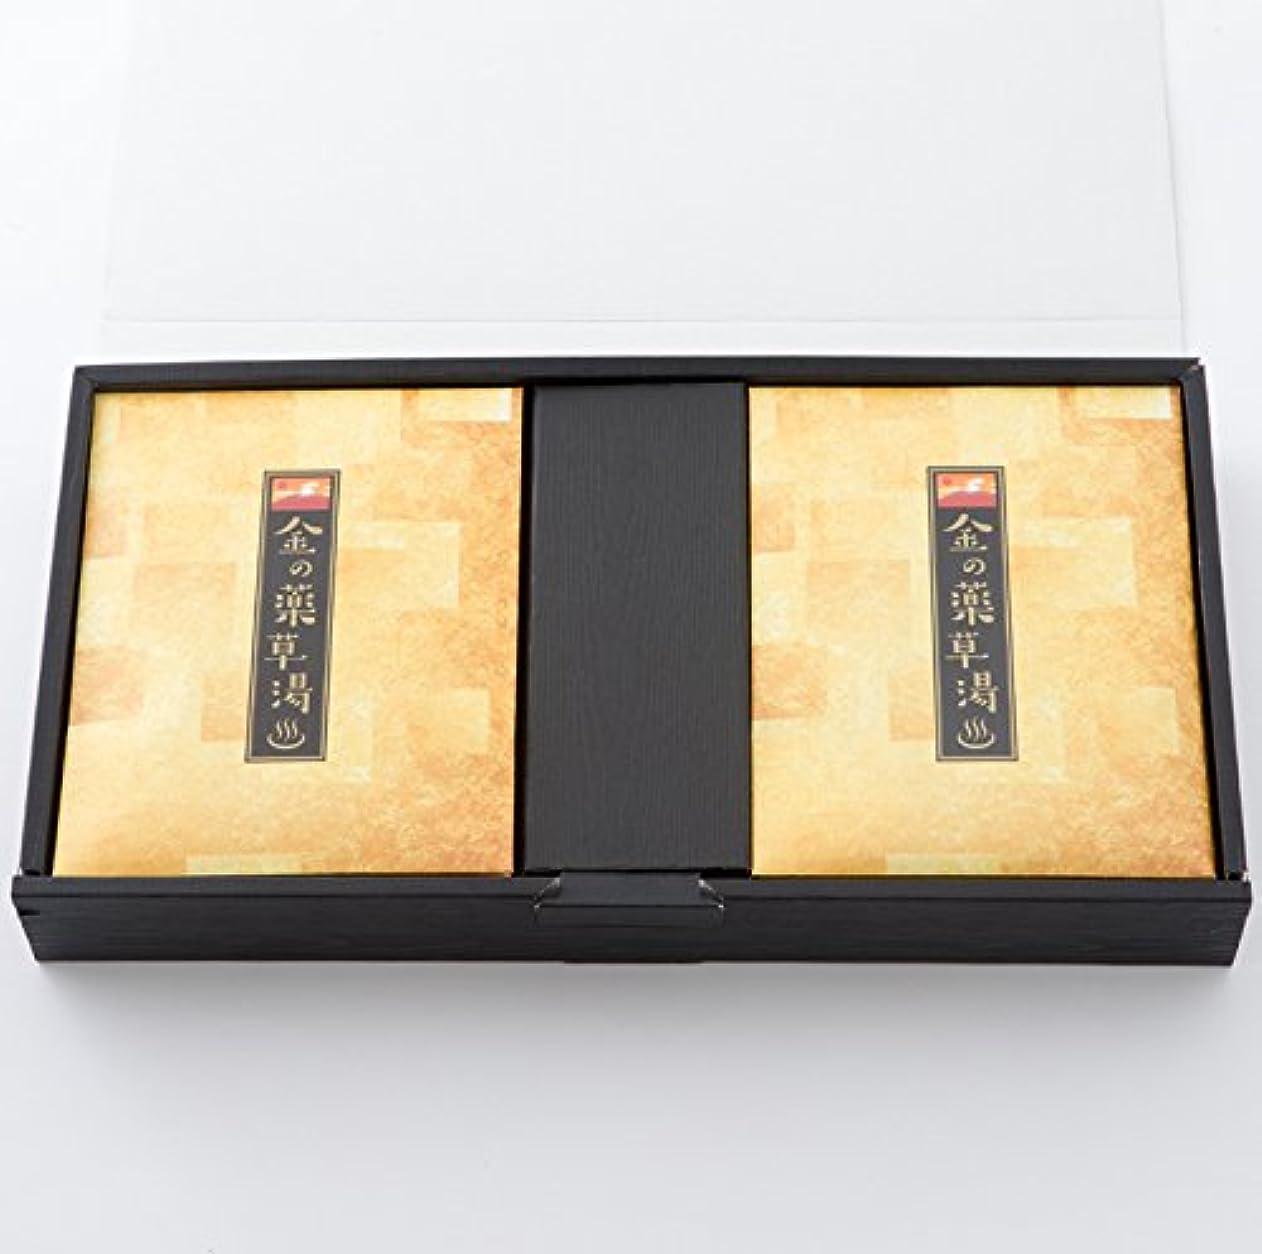 真空インフラピカソ金の薬草湯ギフト (10包入)